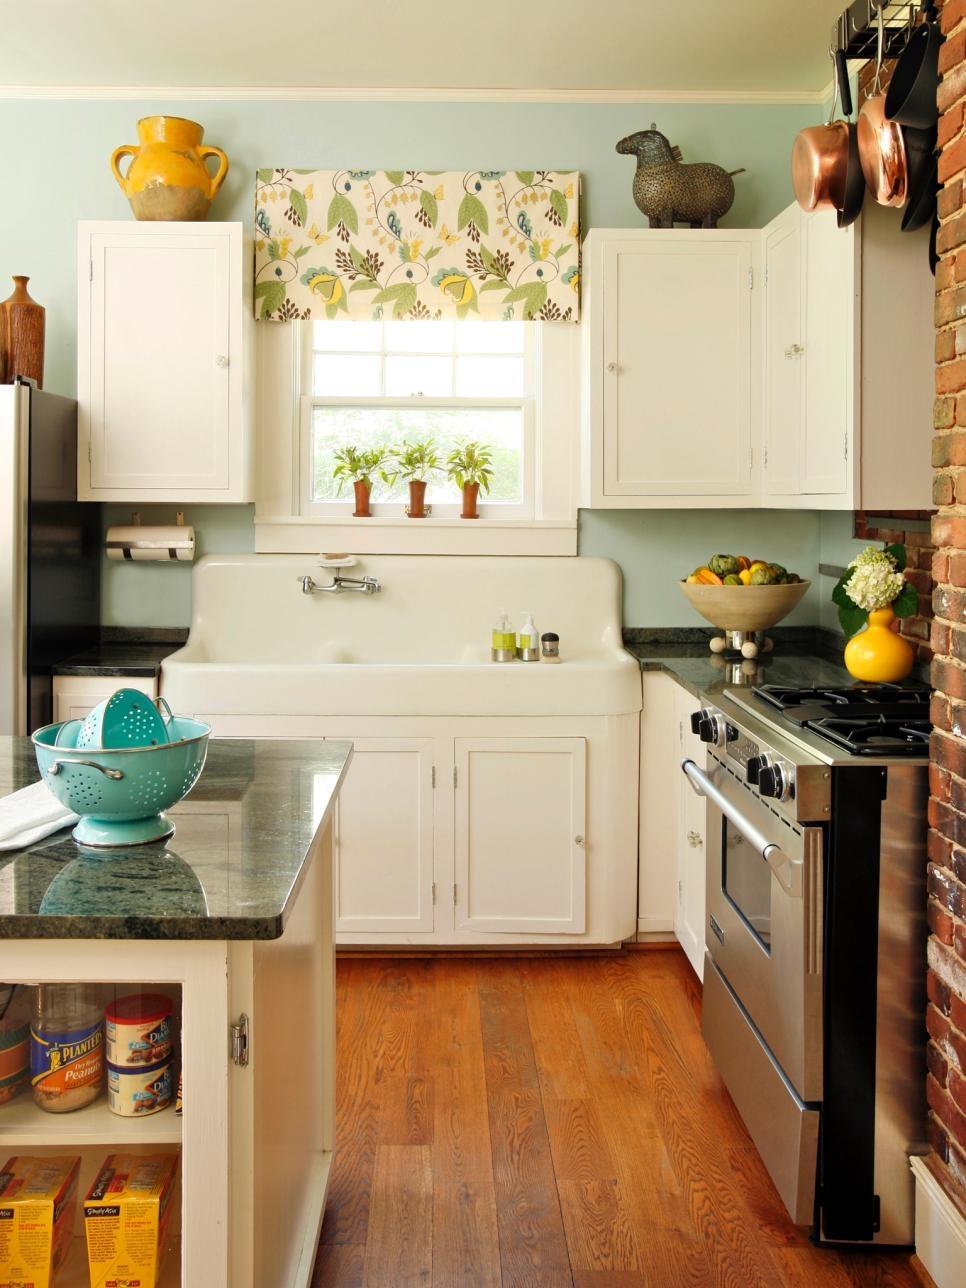 Антикварная мойка в интерьере современной кухни